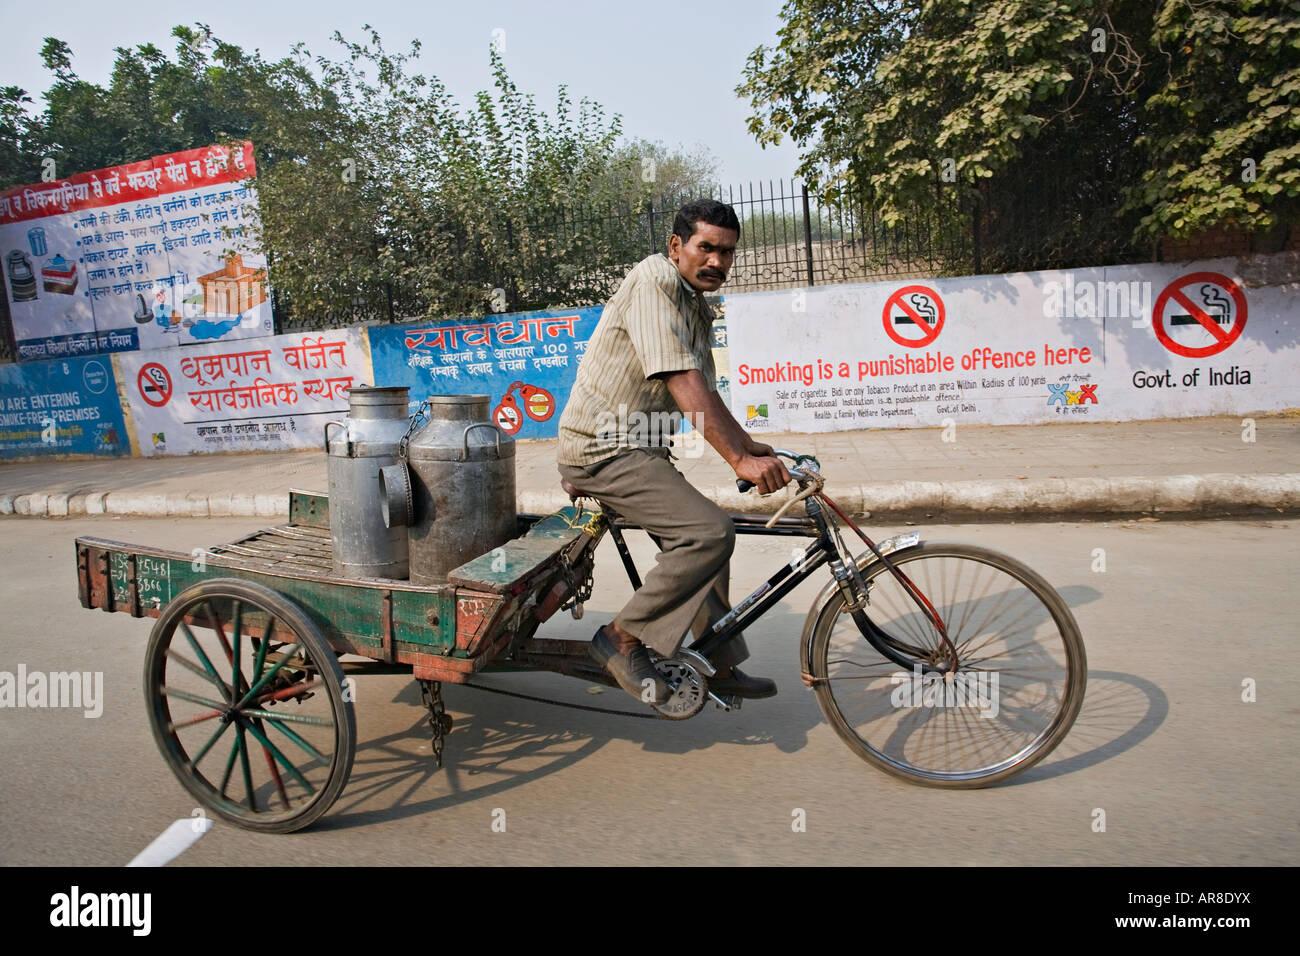 Indian man selling milk on a bicycle, Netagi Subhash Marg, Delhi, India - Stock Image